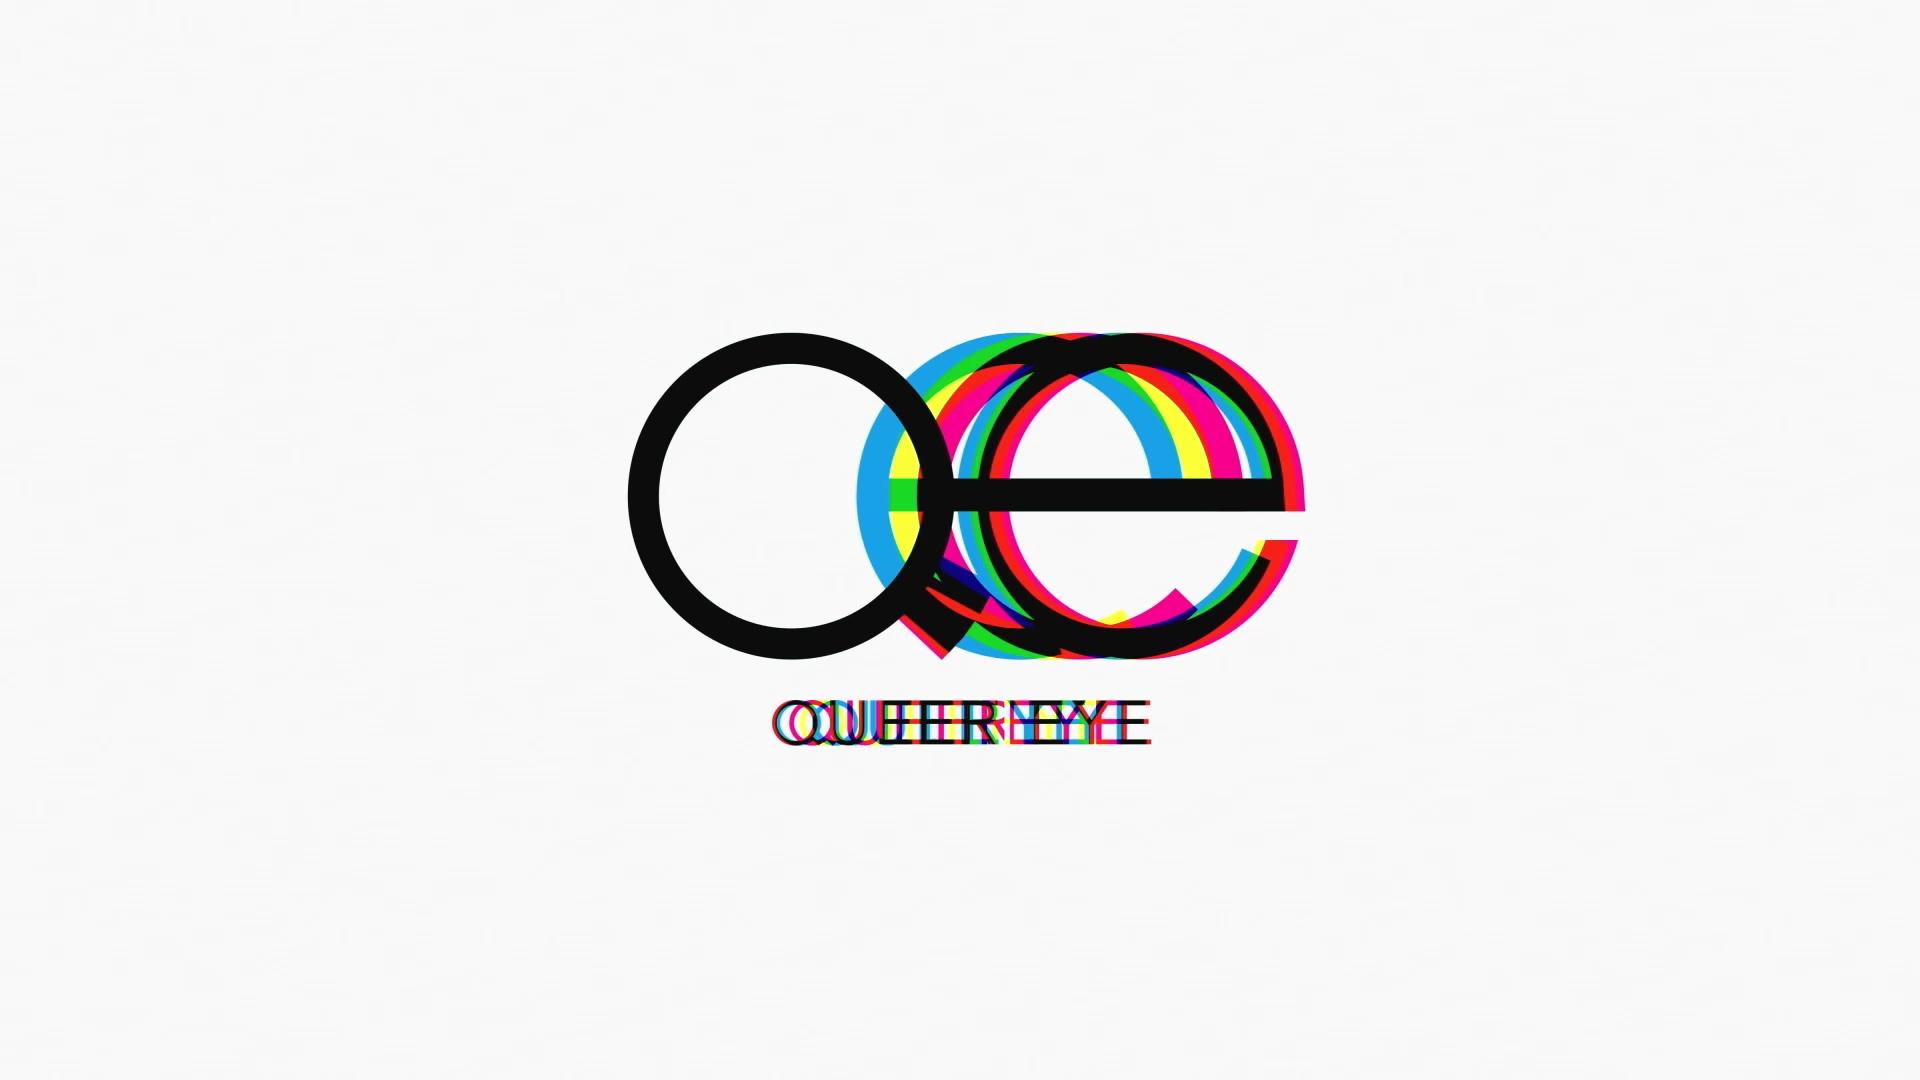 QUEEREYE